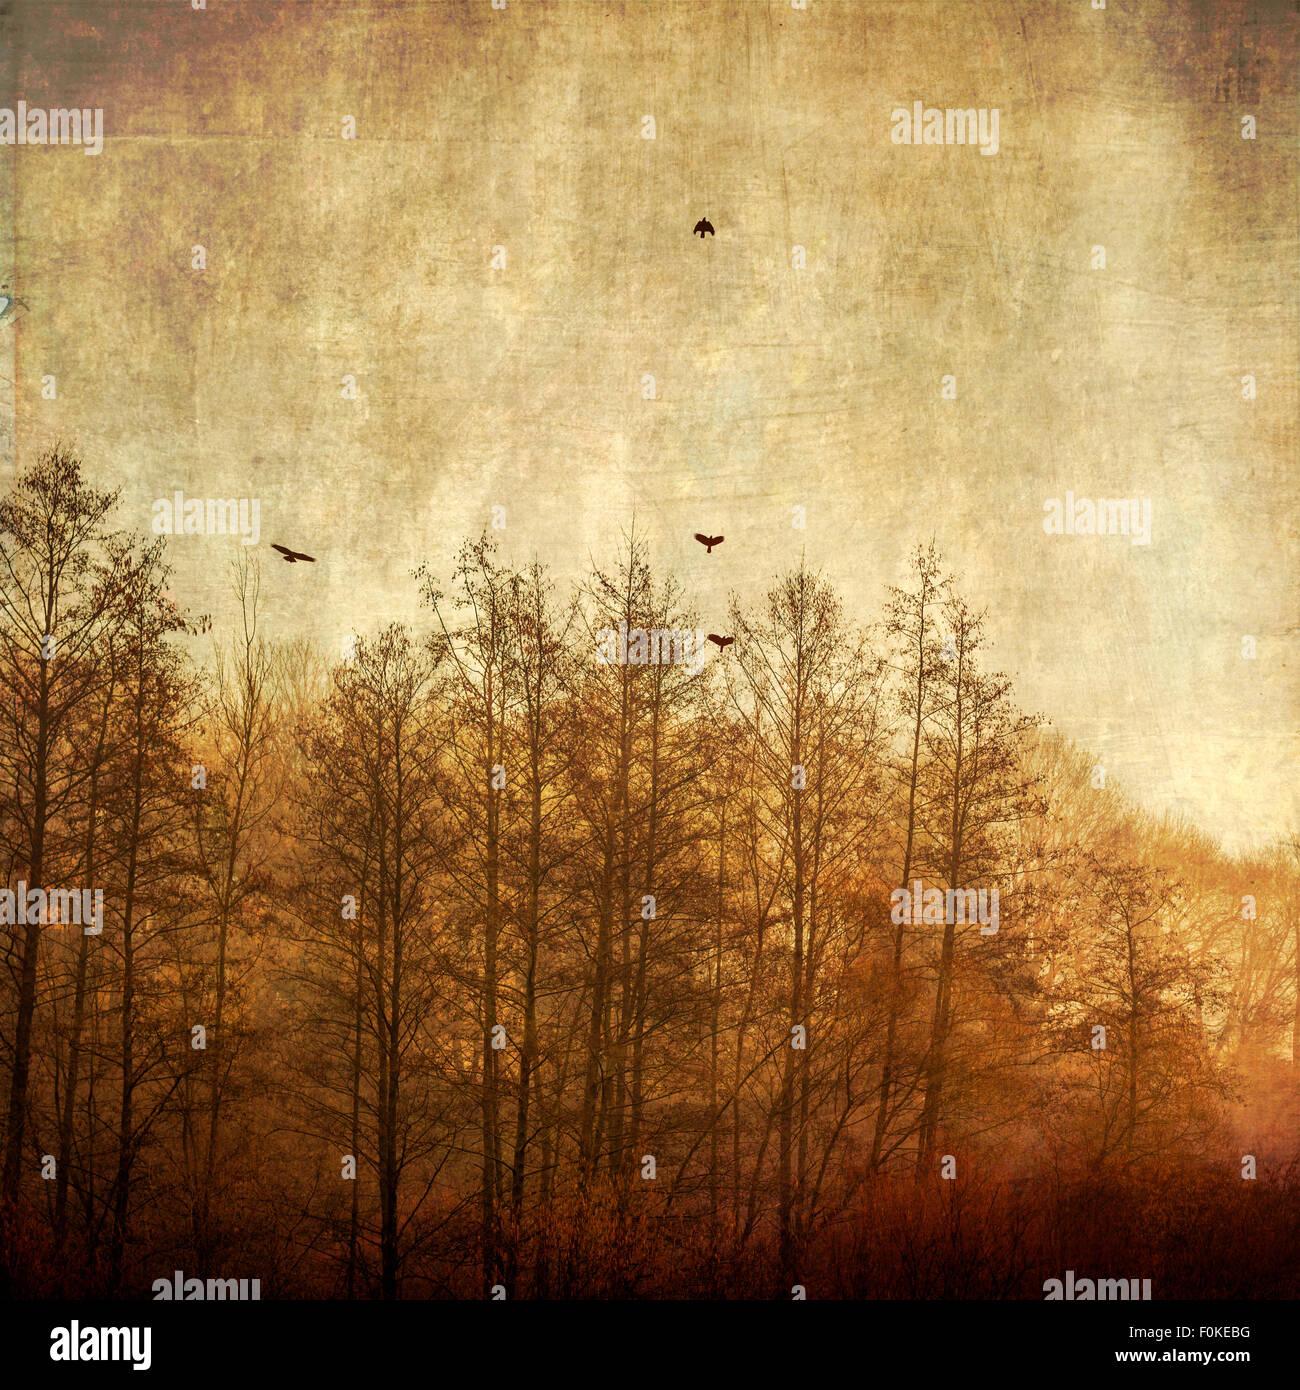 Los árboles y las aves que vuelan a la luz de la mañana, efecto texturado Imagen De Stock